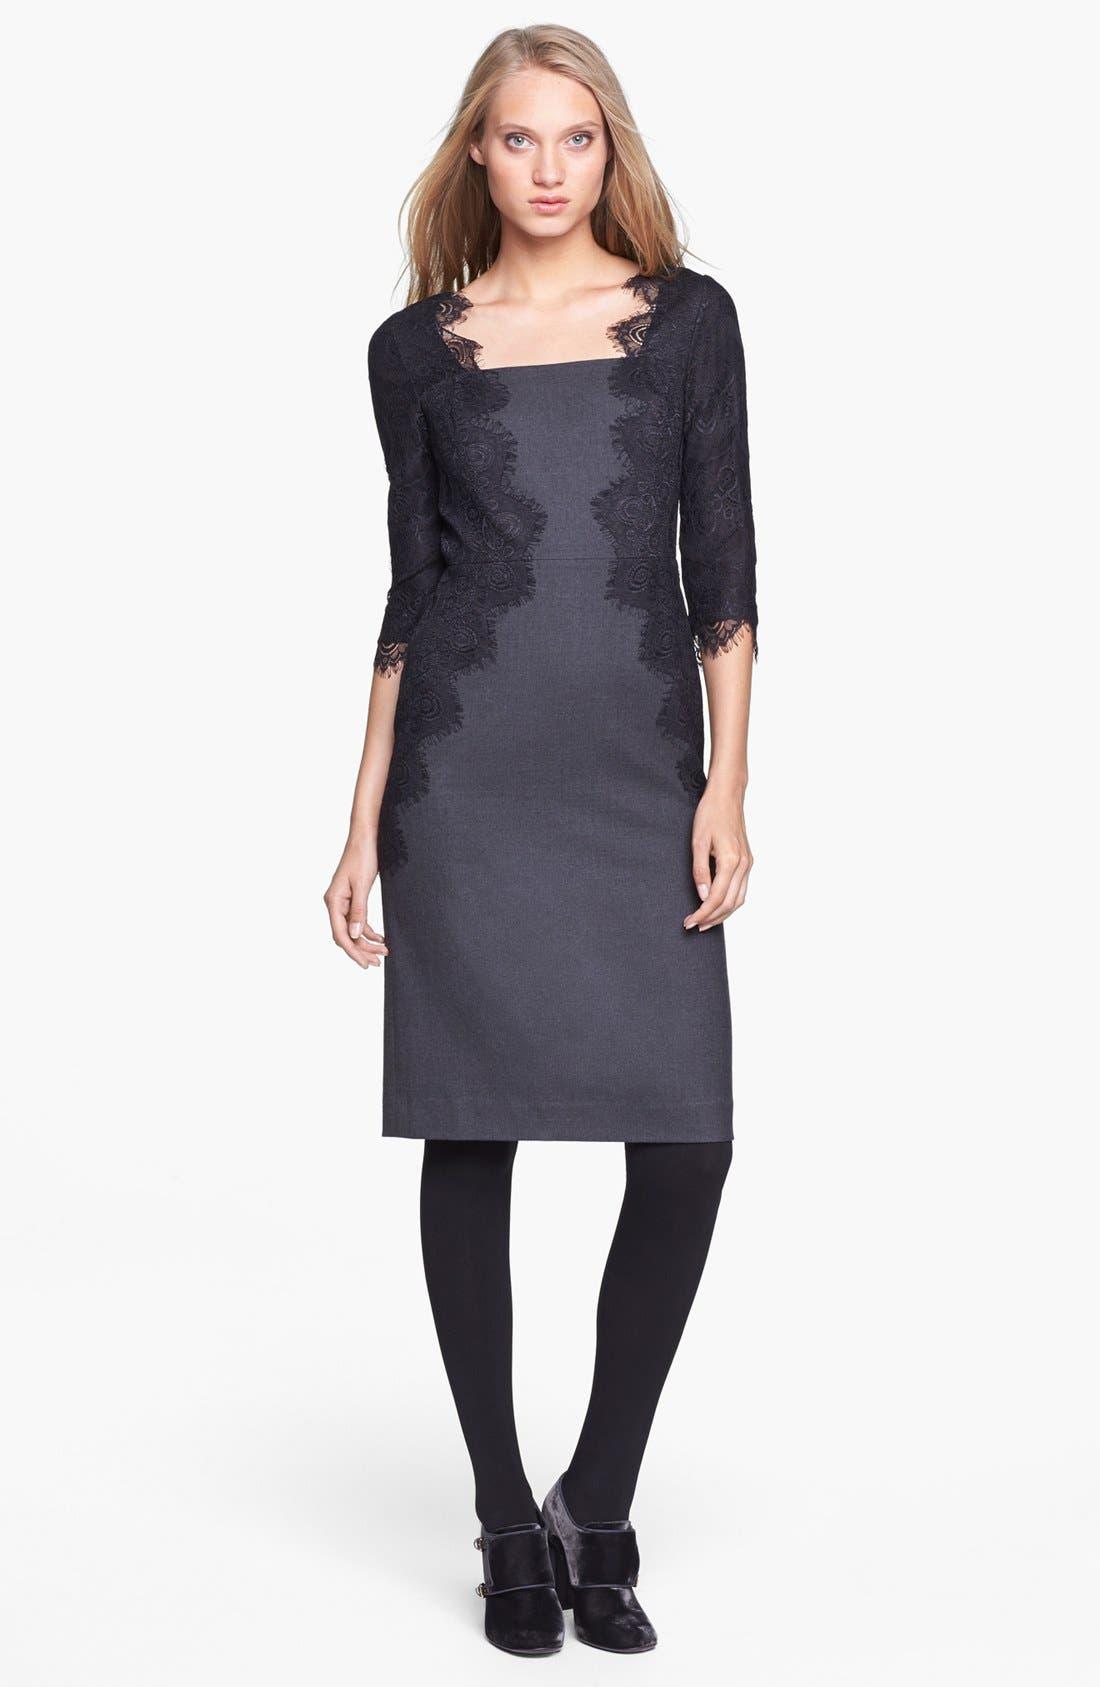 Main Image - Tory Burch 'Laney' Lace & Stretch Wool Sheath Dress